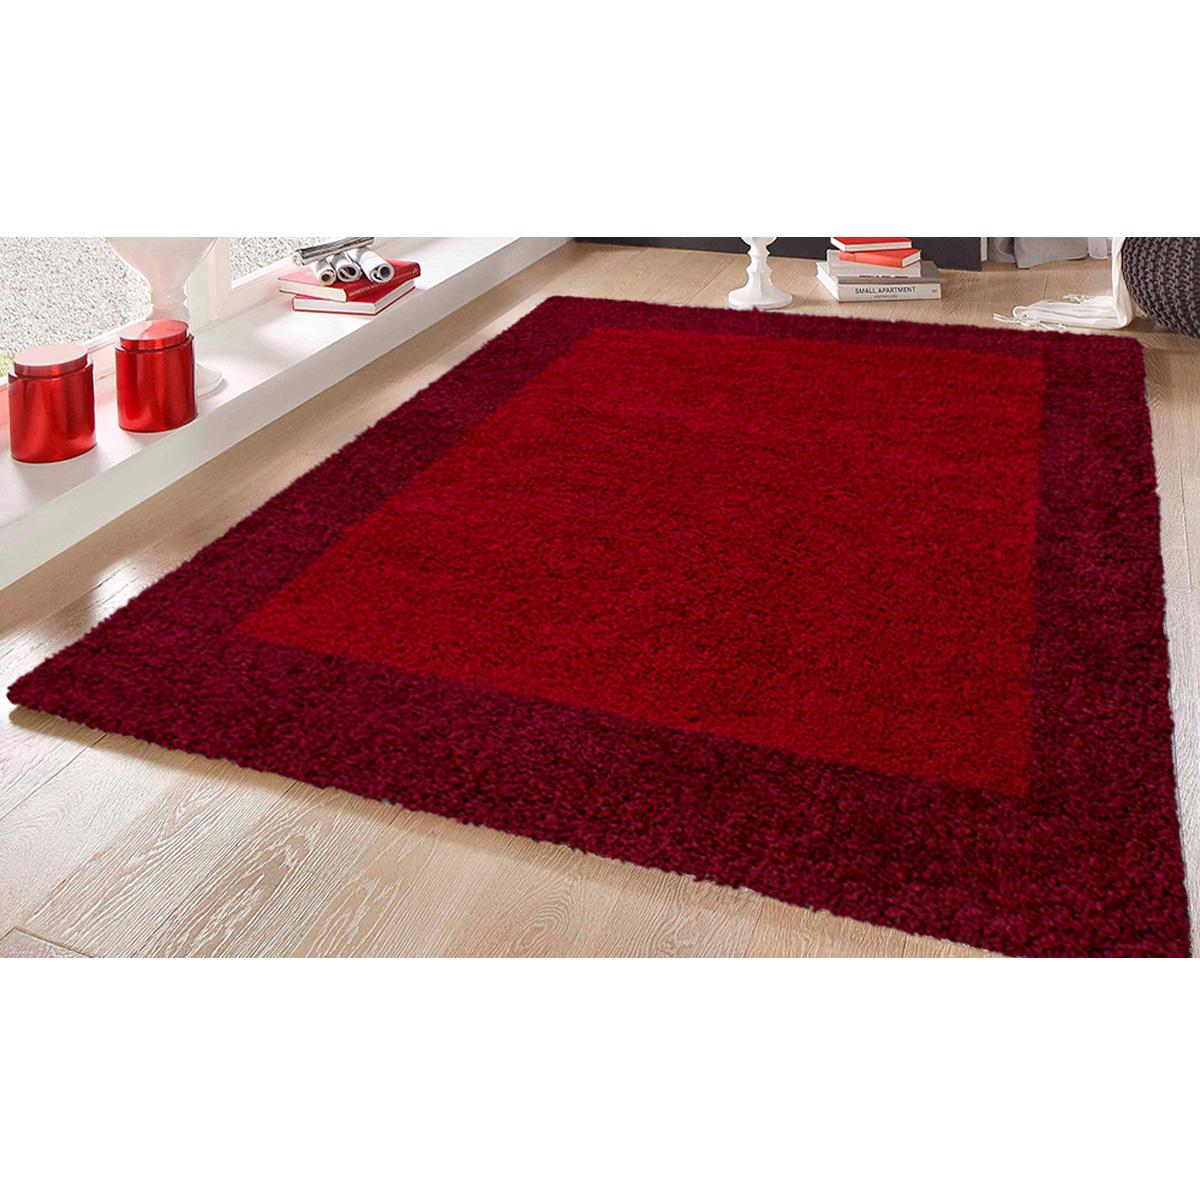 tapis deco en 2 tons rouge